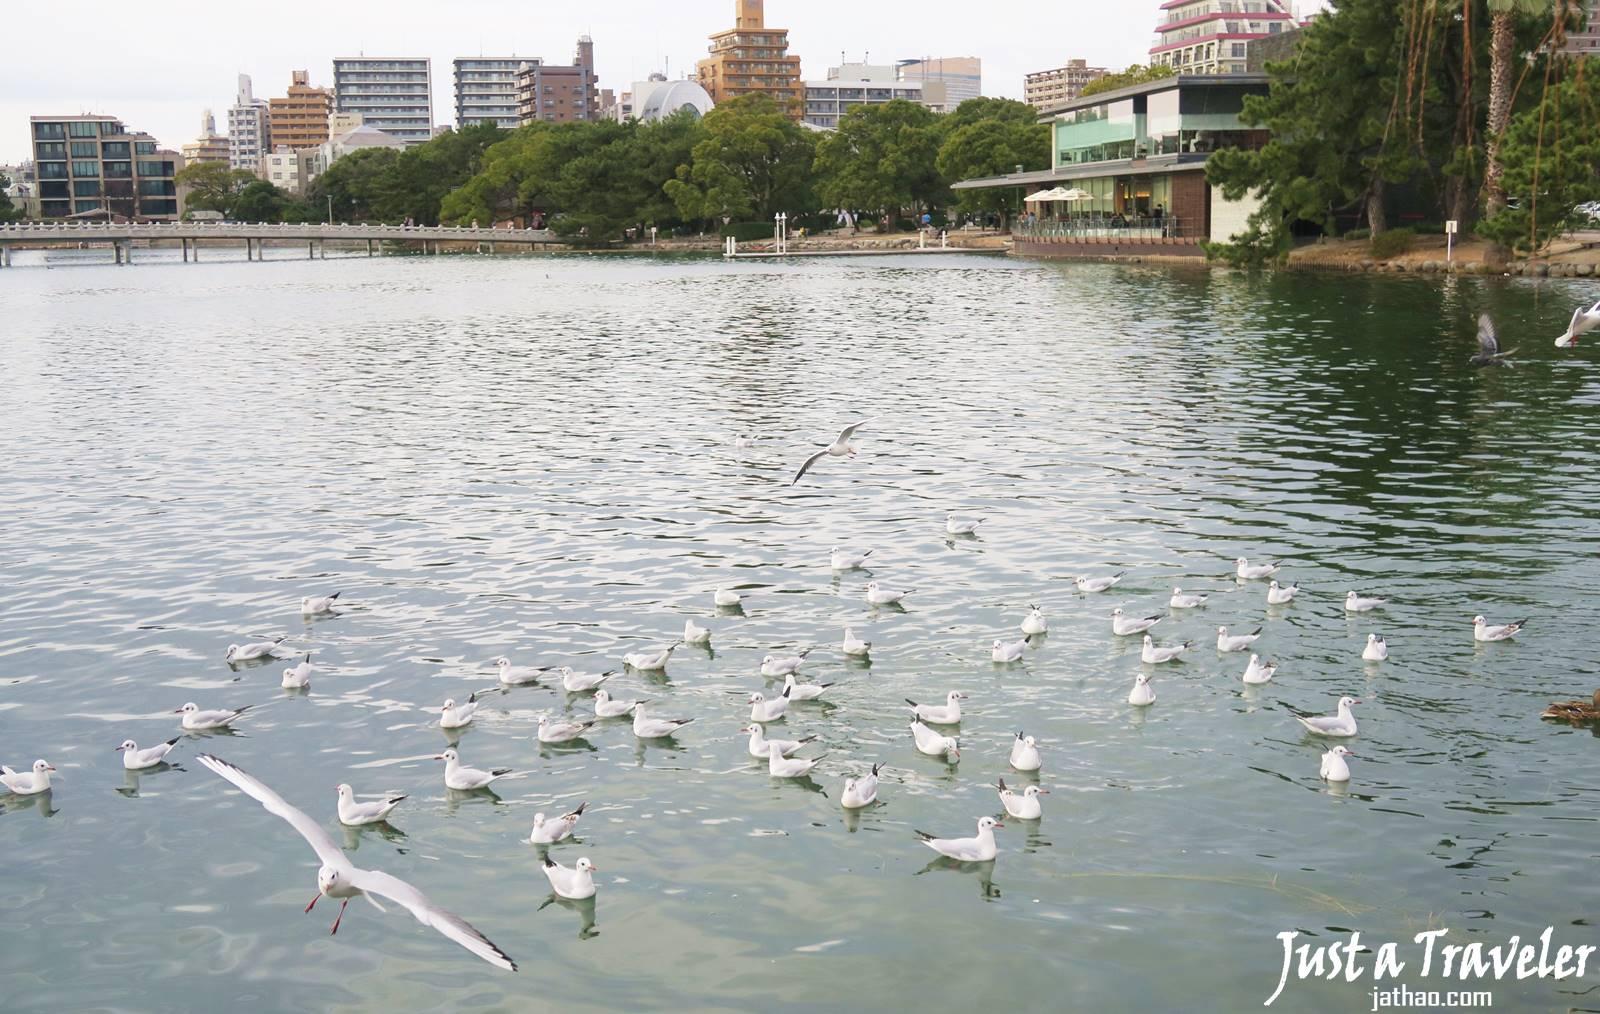 福岡-景點-推薦-大濠公園-福岡好玩景點-福岡必玩景點-福岡必去景點-福岡自由行景點-攻略-市區-郊區-旅遊-行程-Fukuoka-Tourist-Attraction